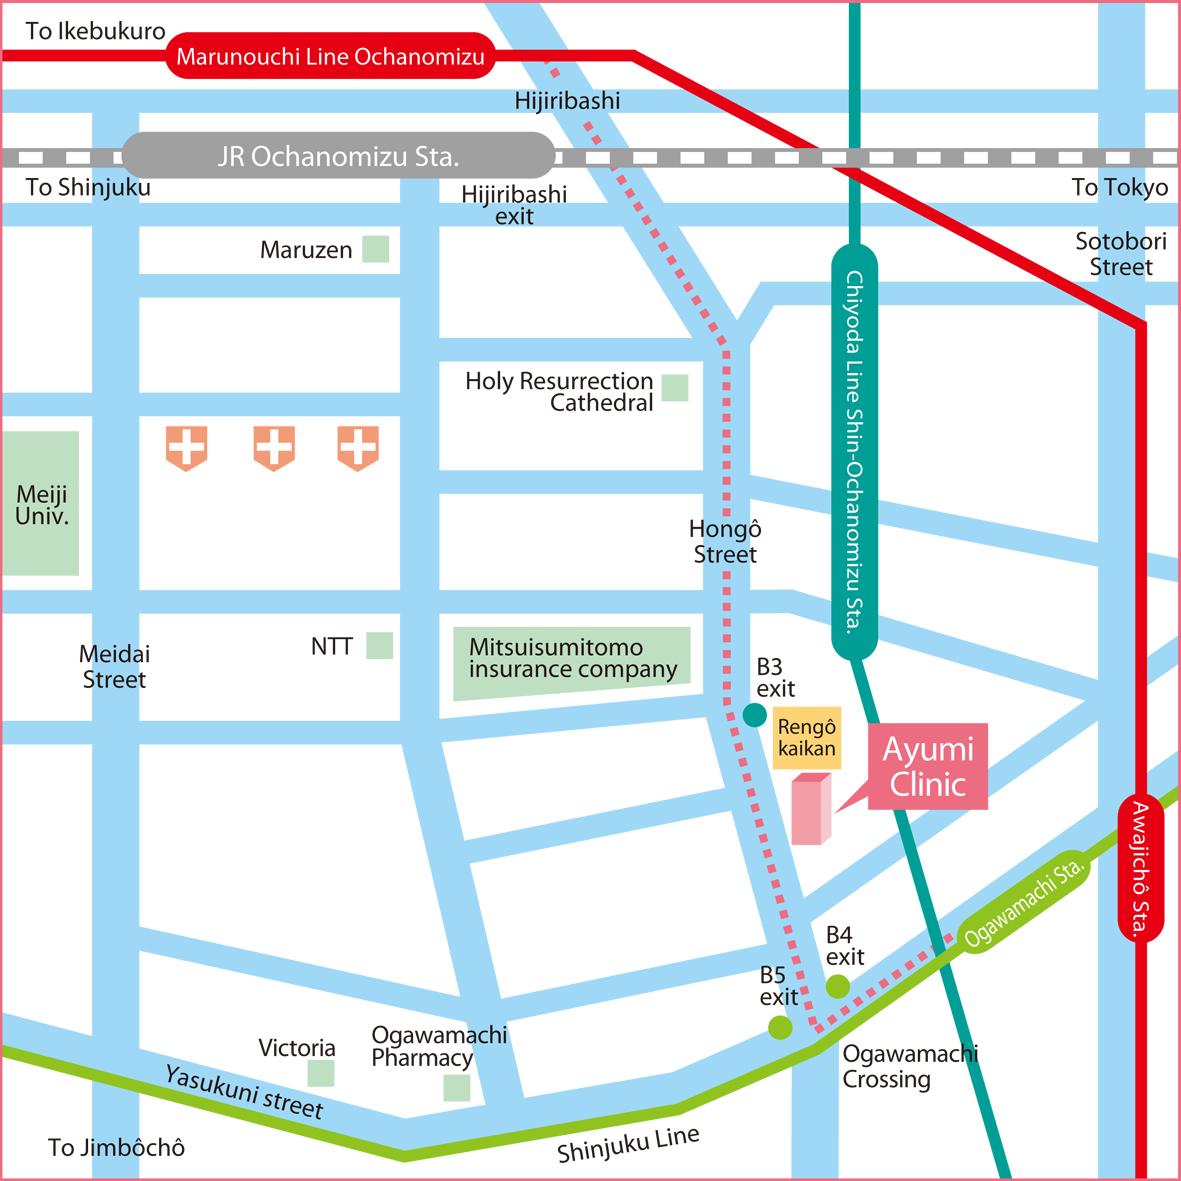 Ayumi Clinic Access map